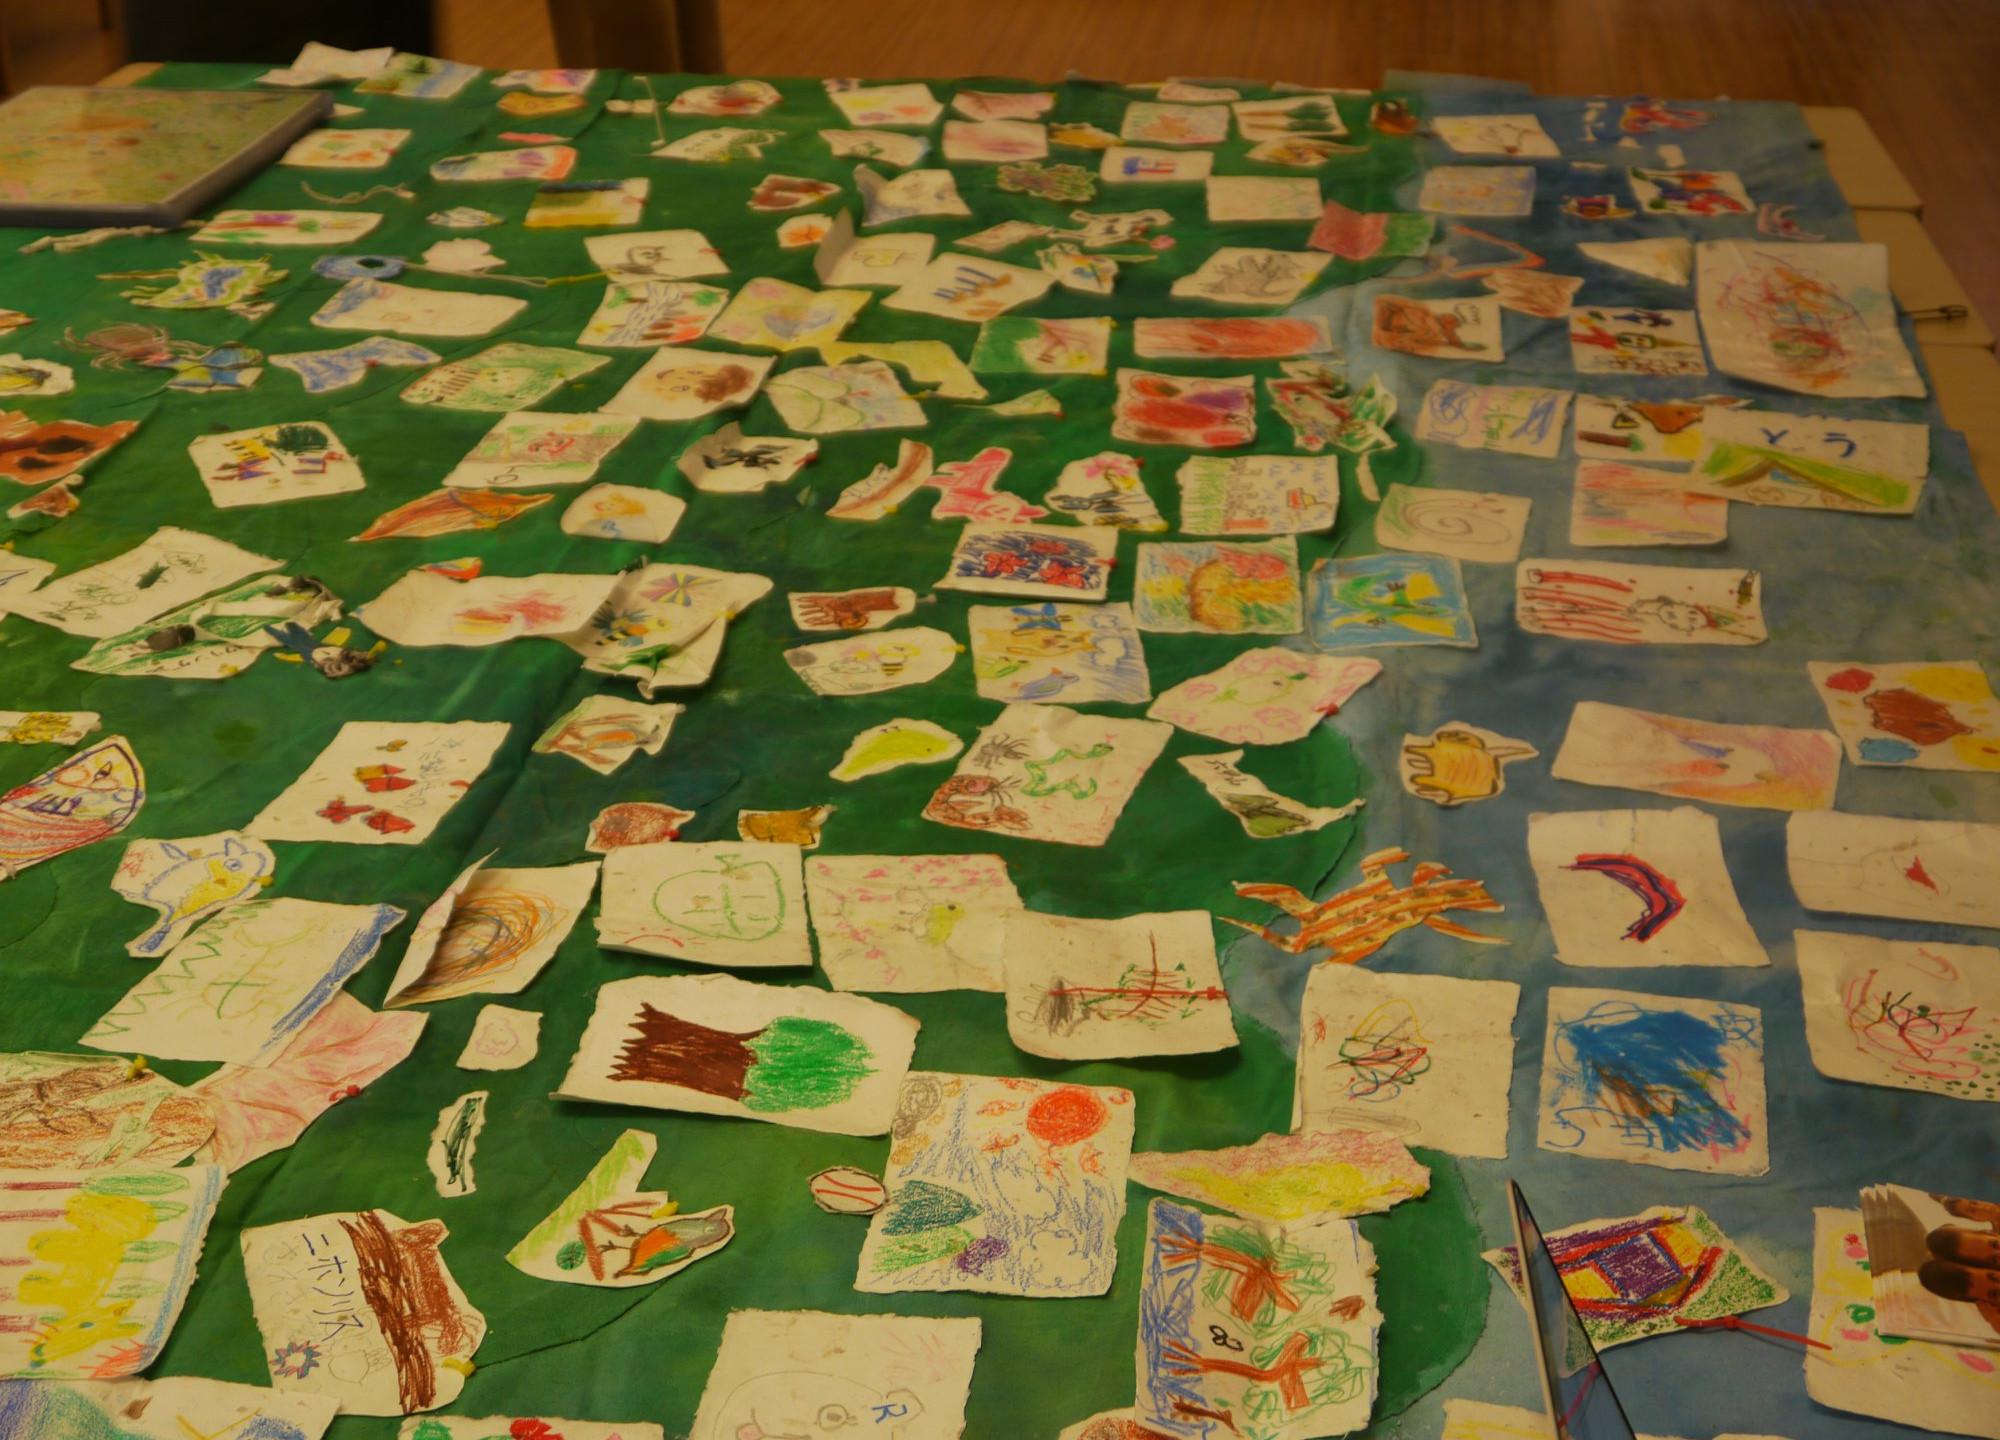 神戸の子ども達によるたくさんの絵